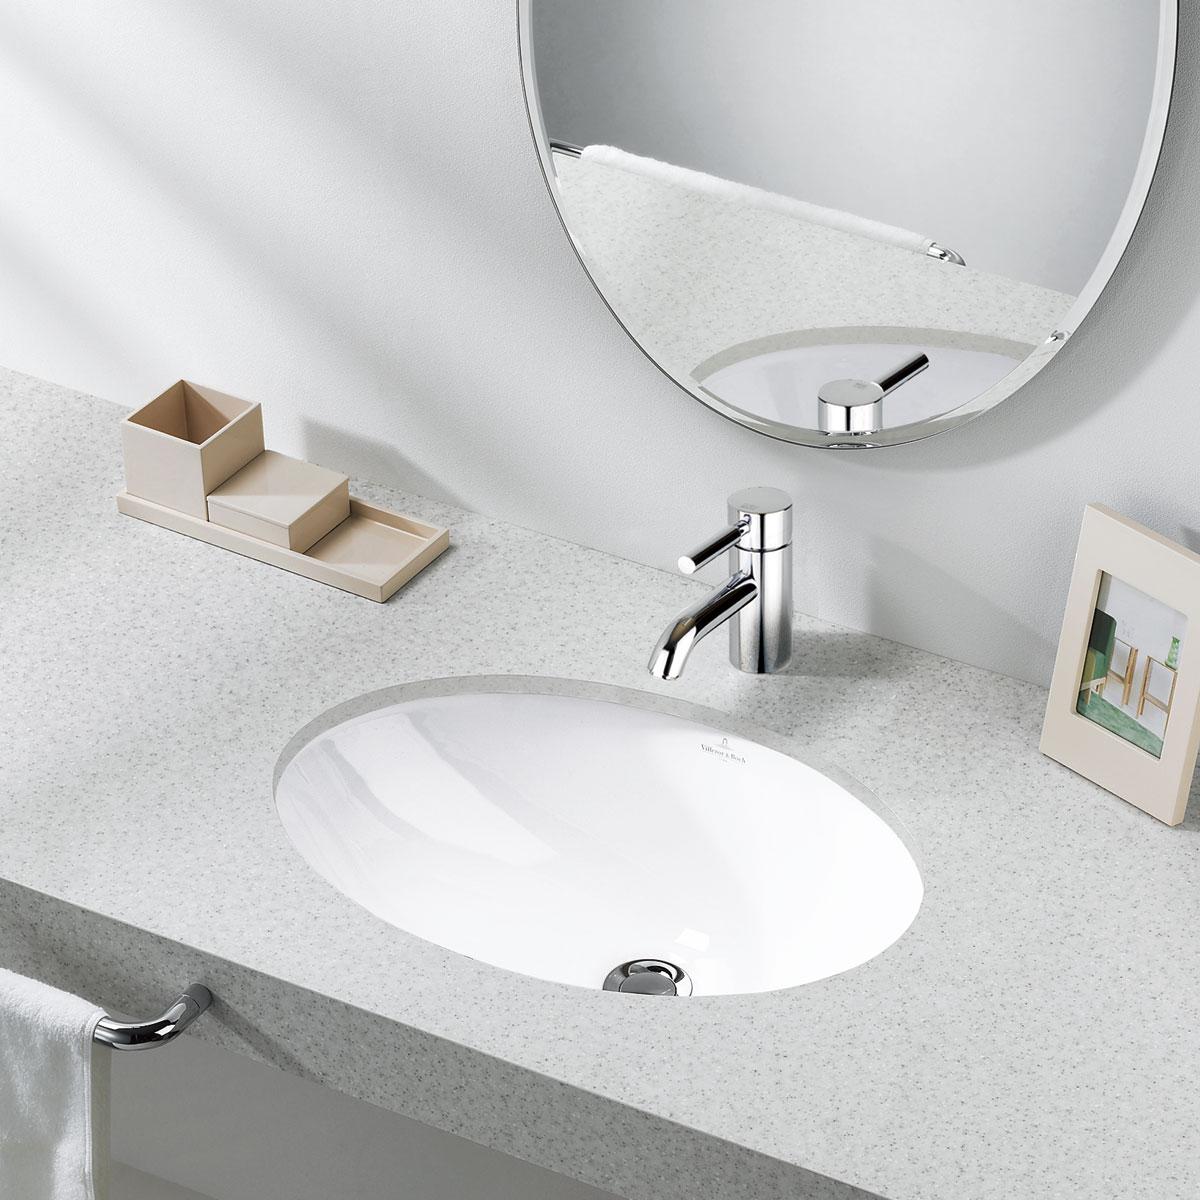 リラインス アンダーカウンター手洗器 Villeroy&Boch(ビレロイ&ボッホ) EVANAエヴァナ 6147.00.01